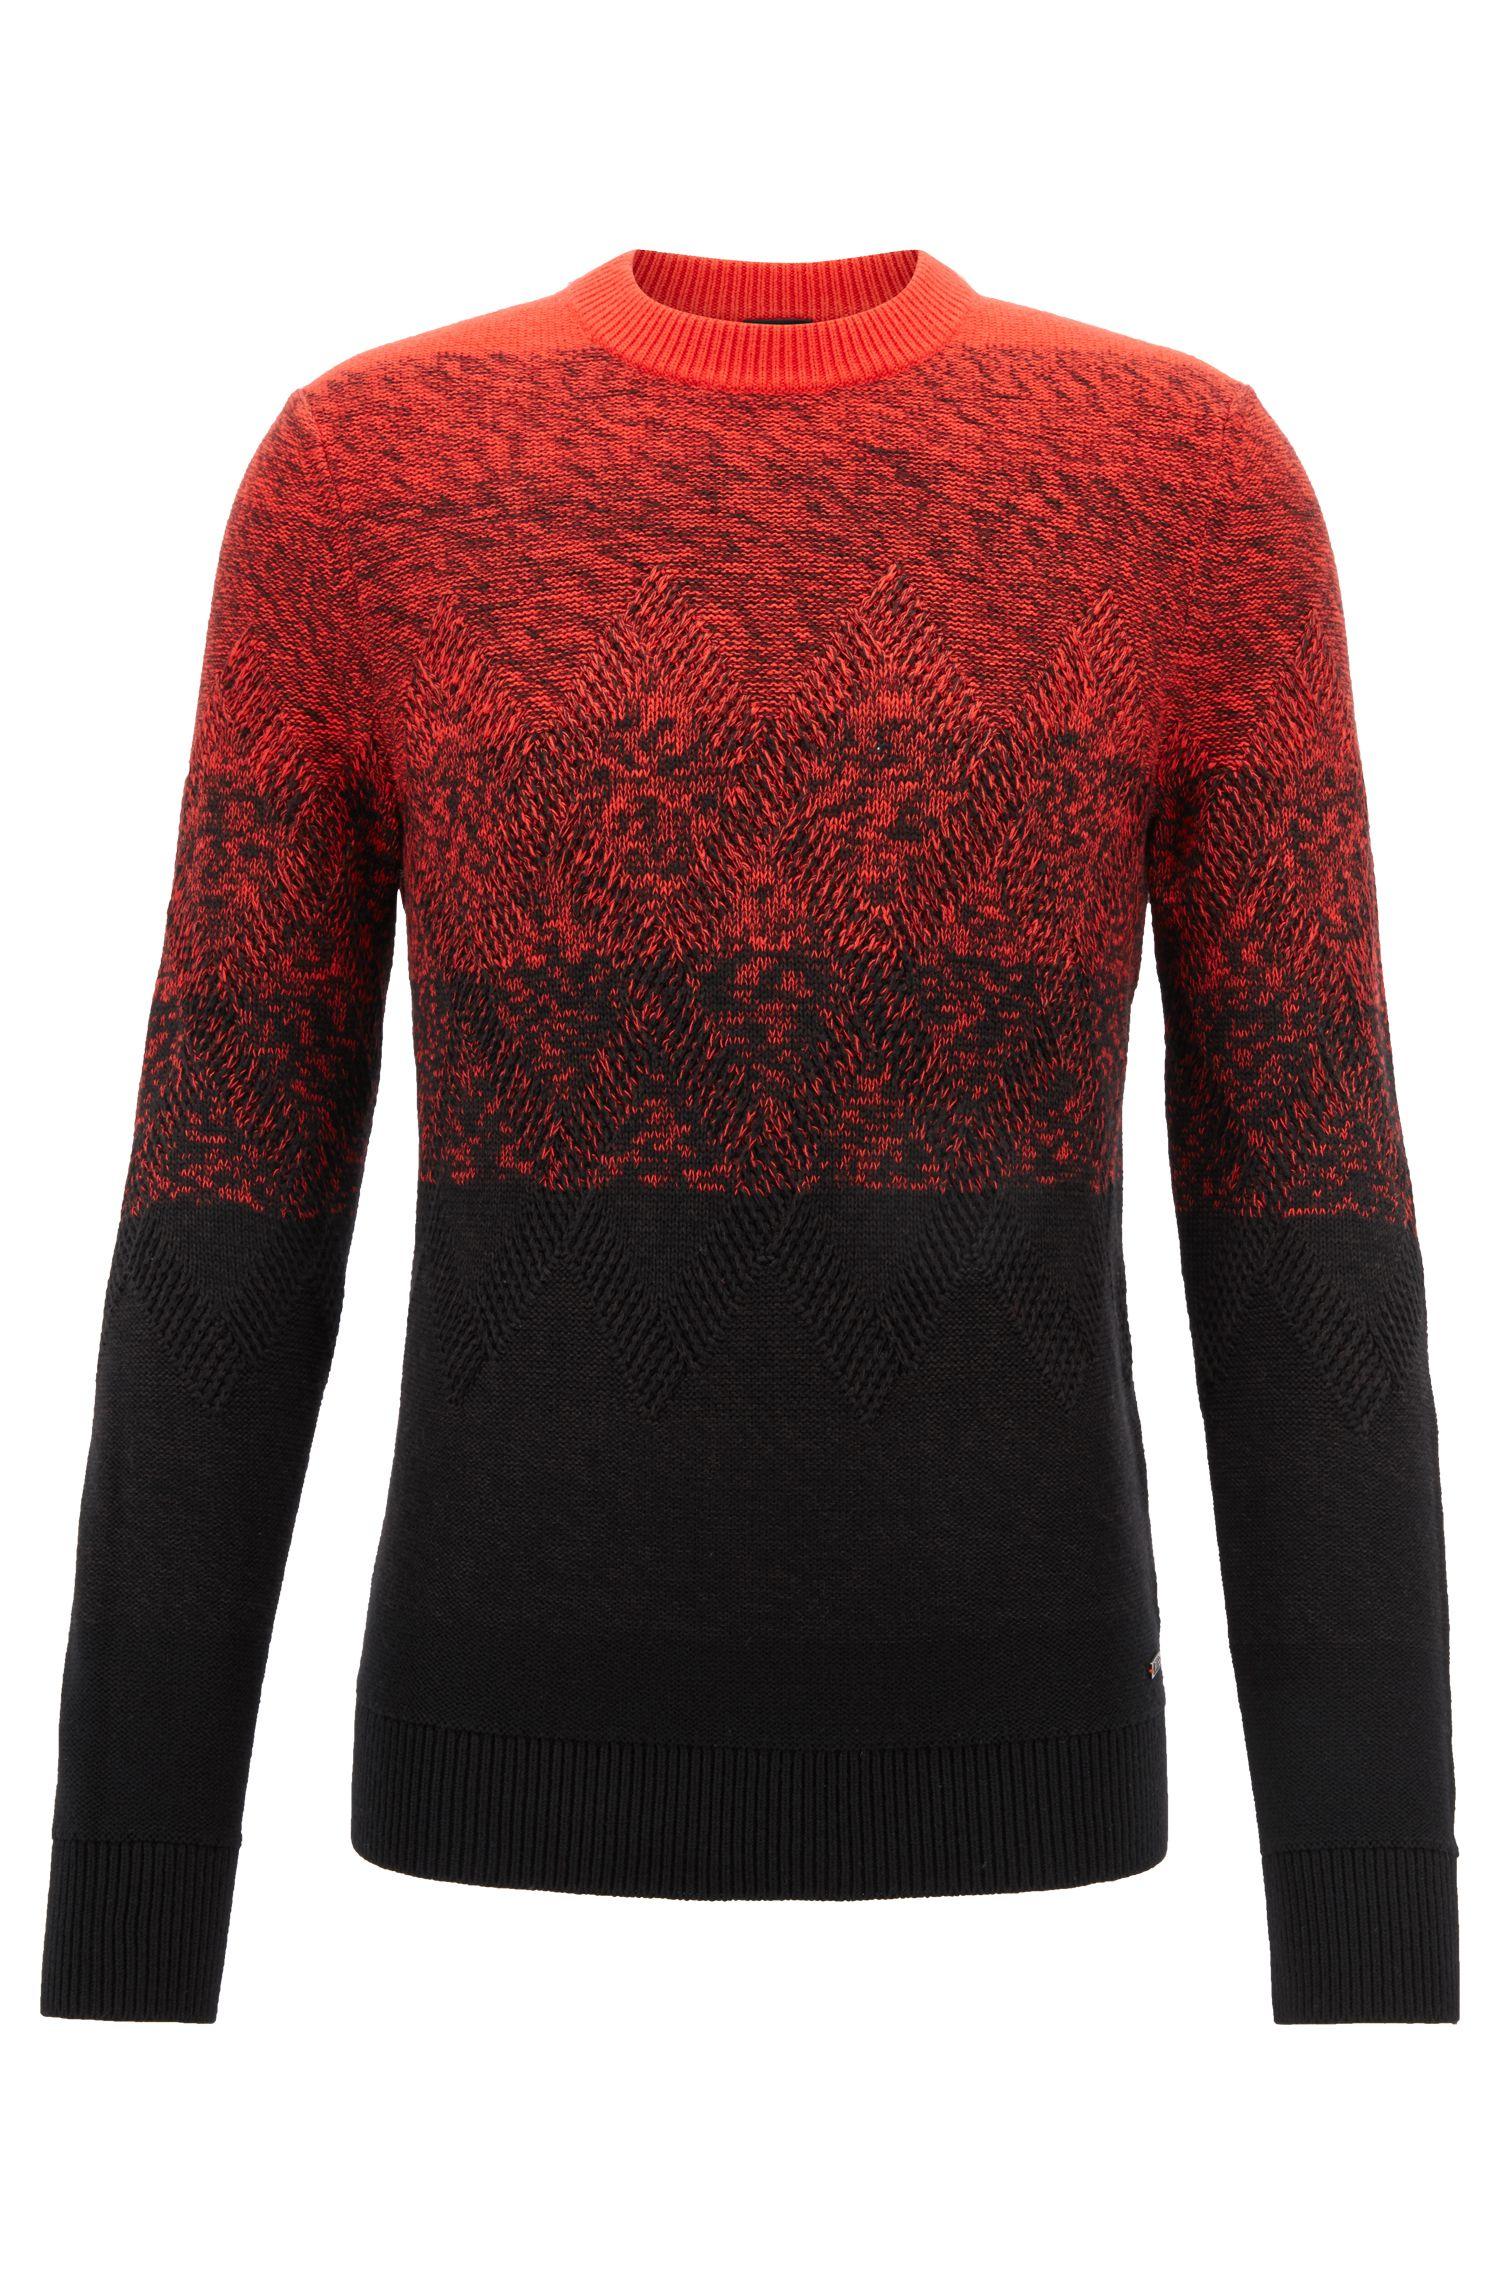 Dégradé sweater with Aran-knit detailing, Black